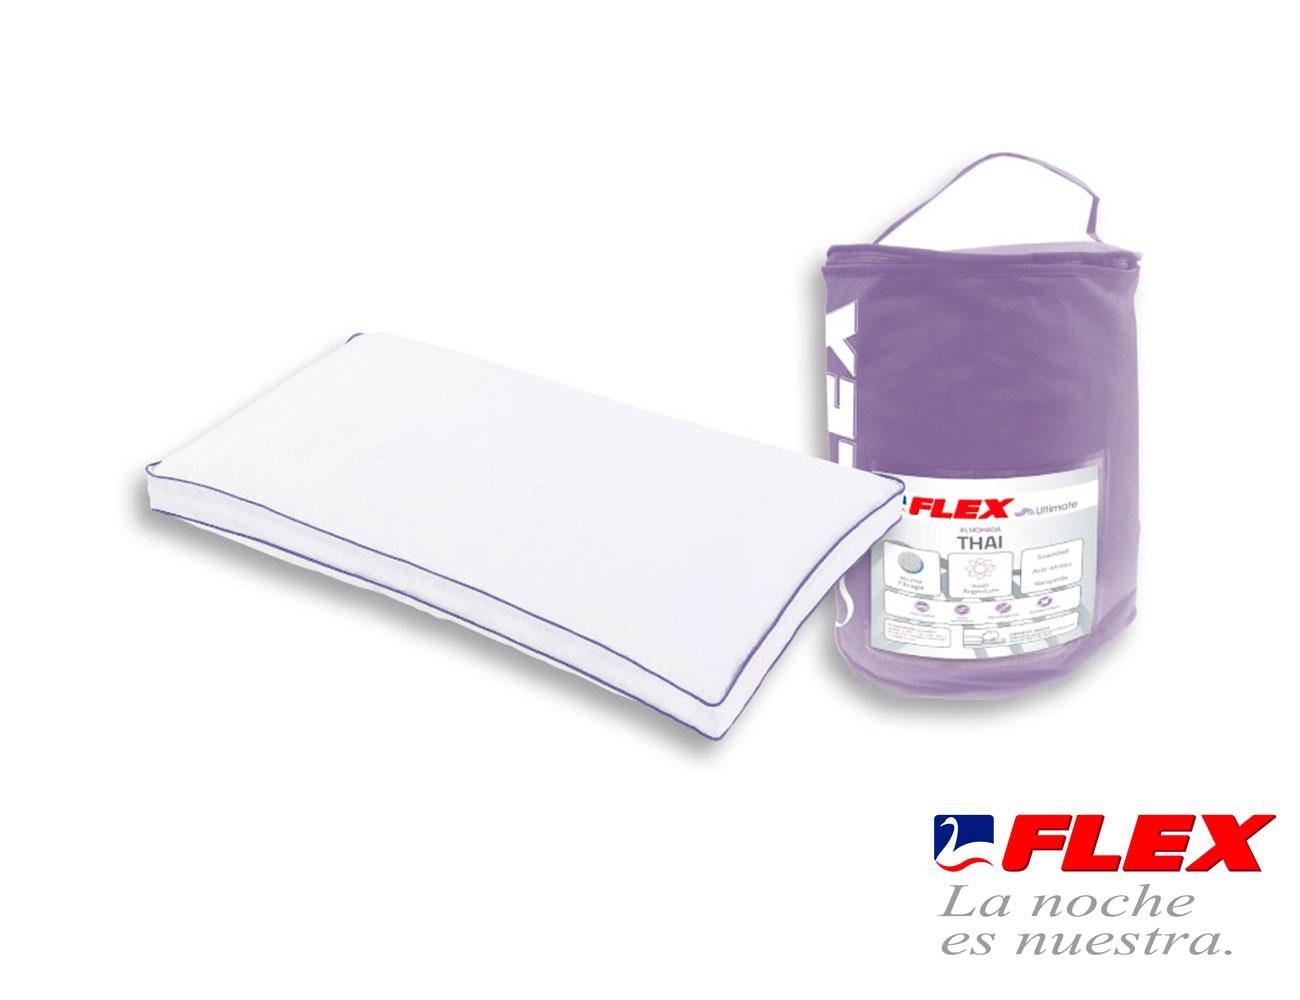 Almohada flex thai fibra gel3